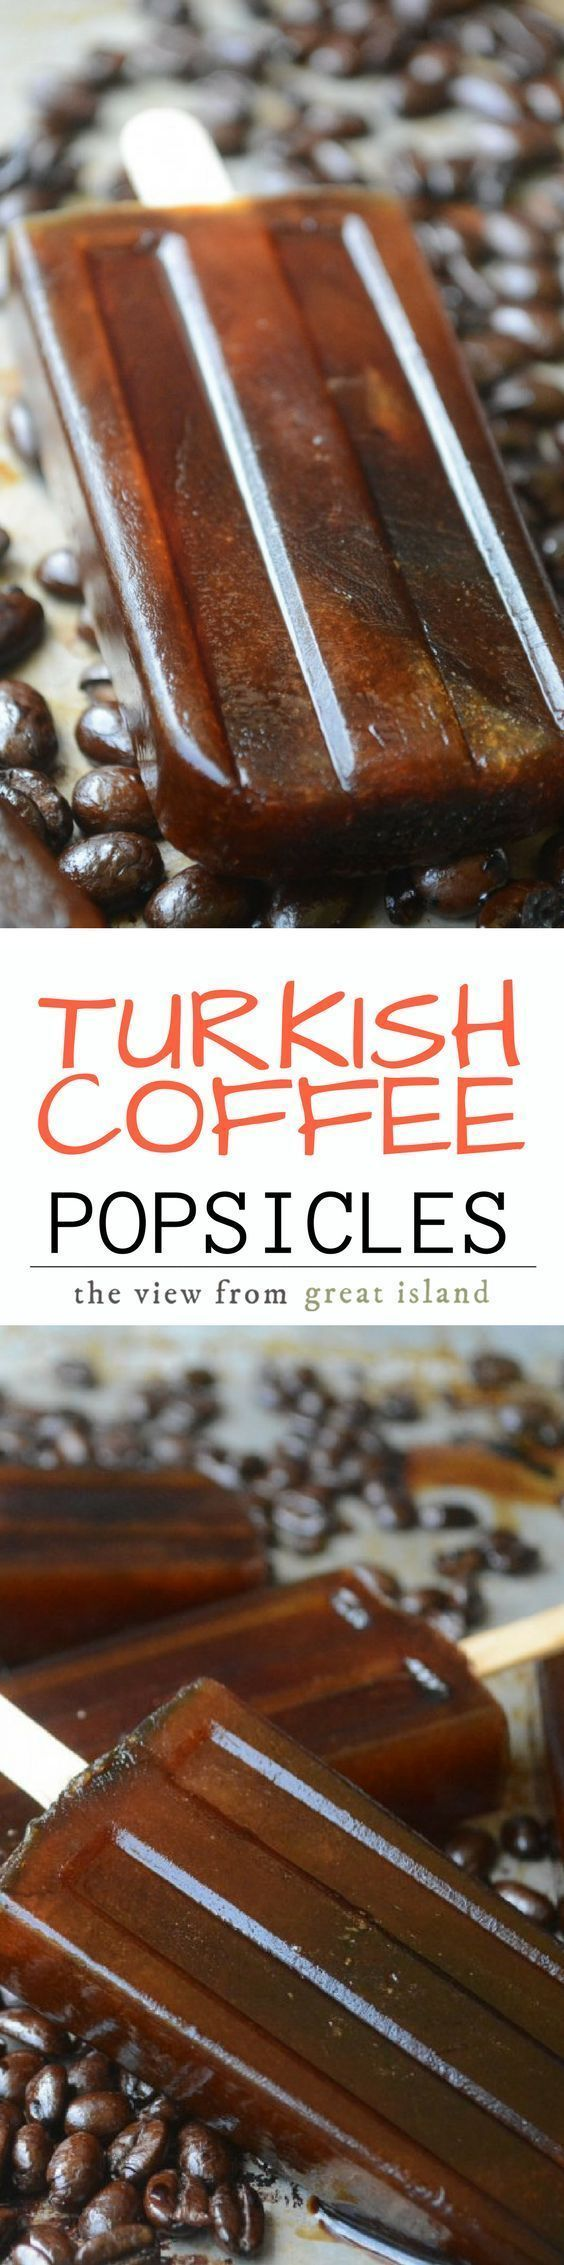 Eis am Stiel des türkischen Kaffees   - turkish-breakfast - #des #Eis #Kaffees #Stiel #Türkischen #turkishbreakfast #turkishbreakfast Eis am Stiel des türkischen Kaffees   - turkish-breakfast - #des #Eis #Kaffees #Stiel #Türkischen #turkishbreakfast #turkishbreakfast